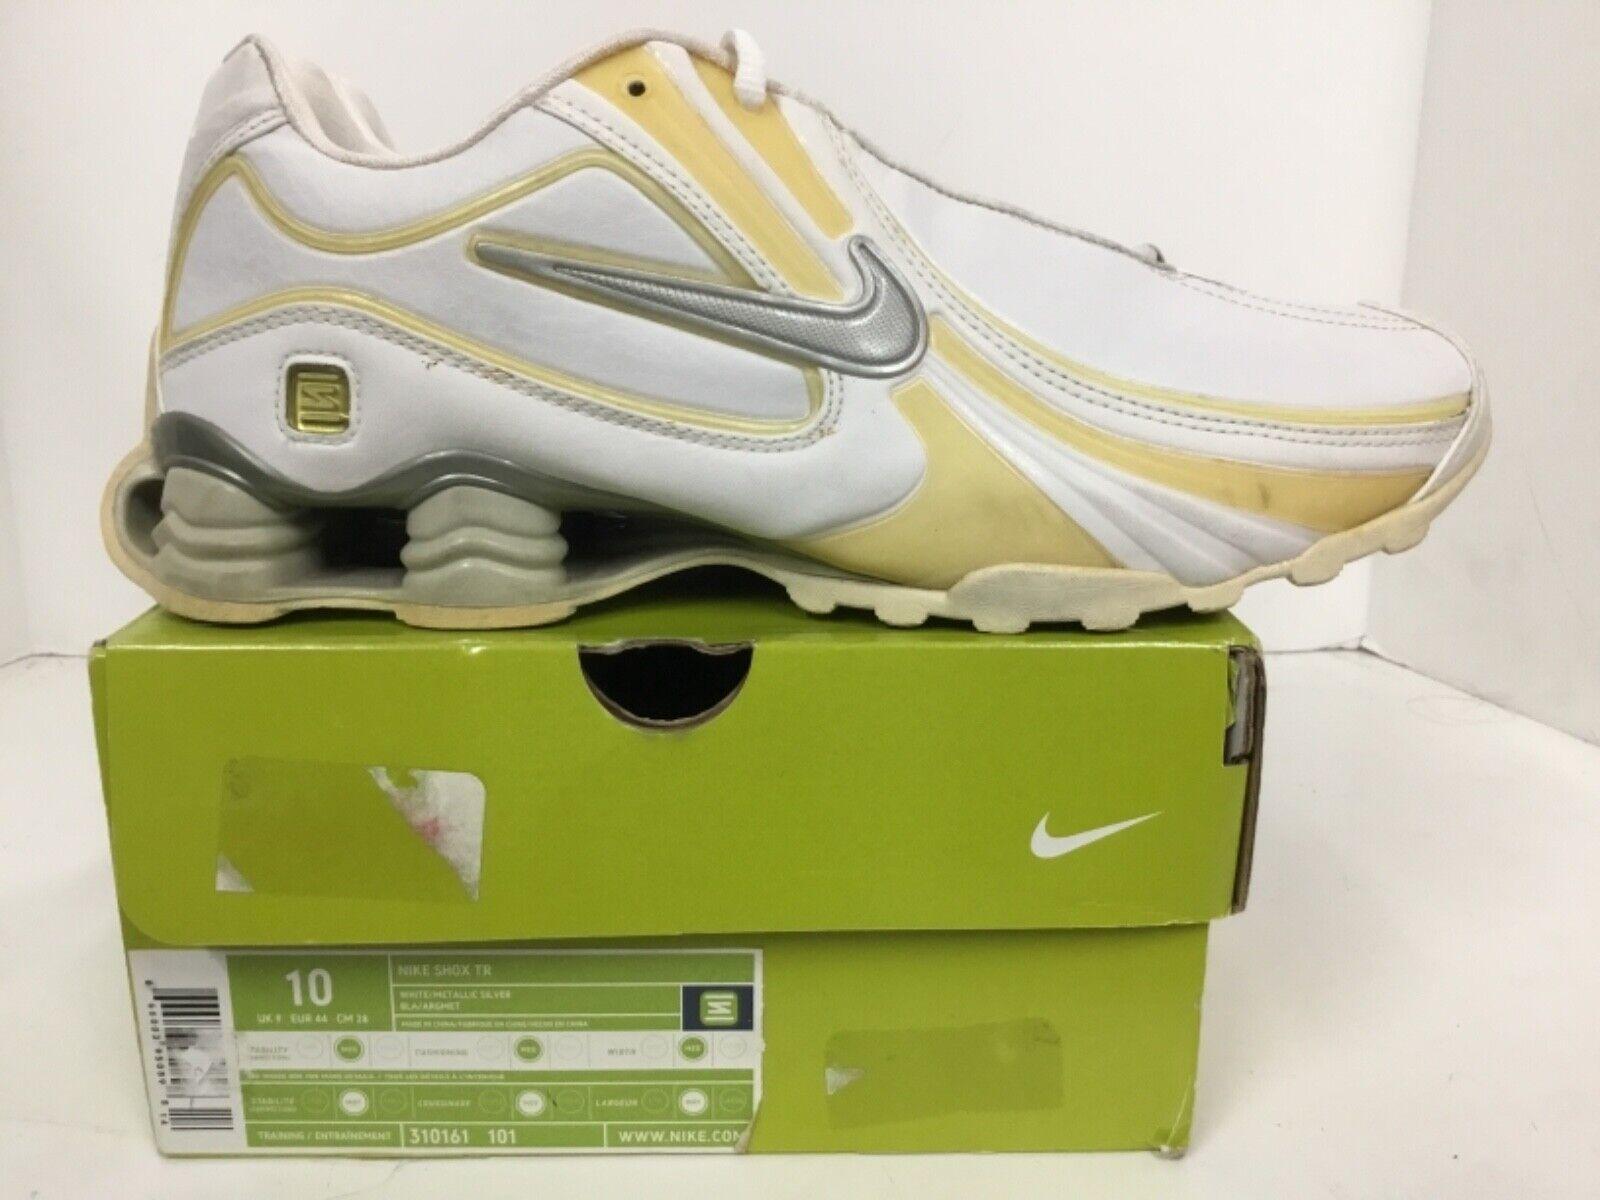 Nike Größentabelle Schuhe mit US, UK, EU Größen